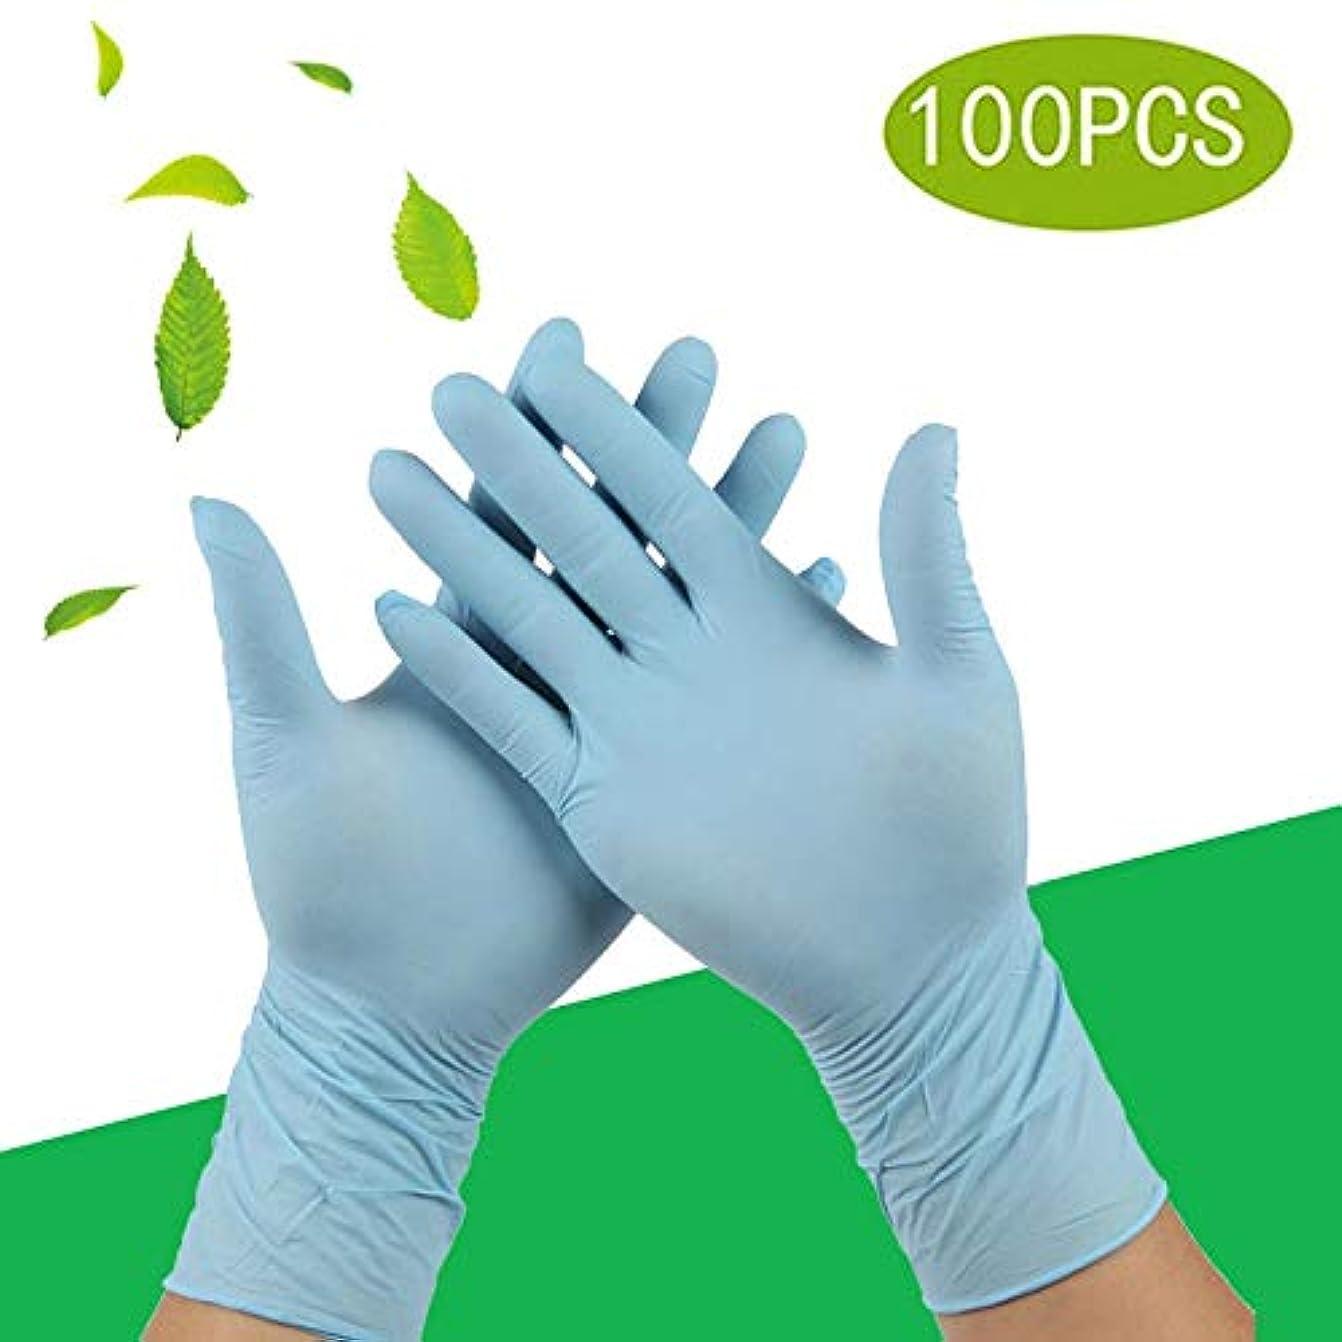 苦情文句信じるハンマー耐酸性および耐アルカリ性試験ニトリル試験用手袋、使い捨て、医療用グレード100カウント (Size : S)